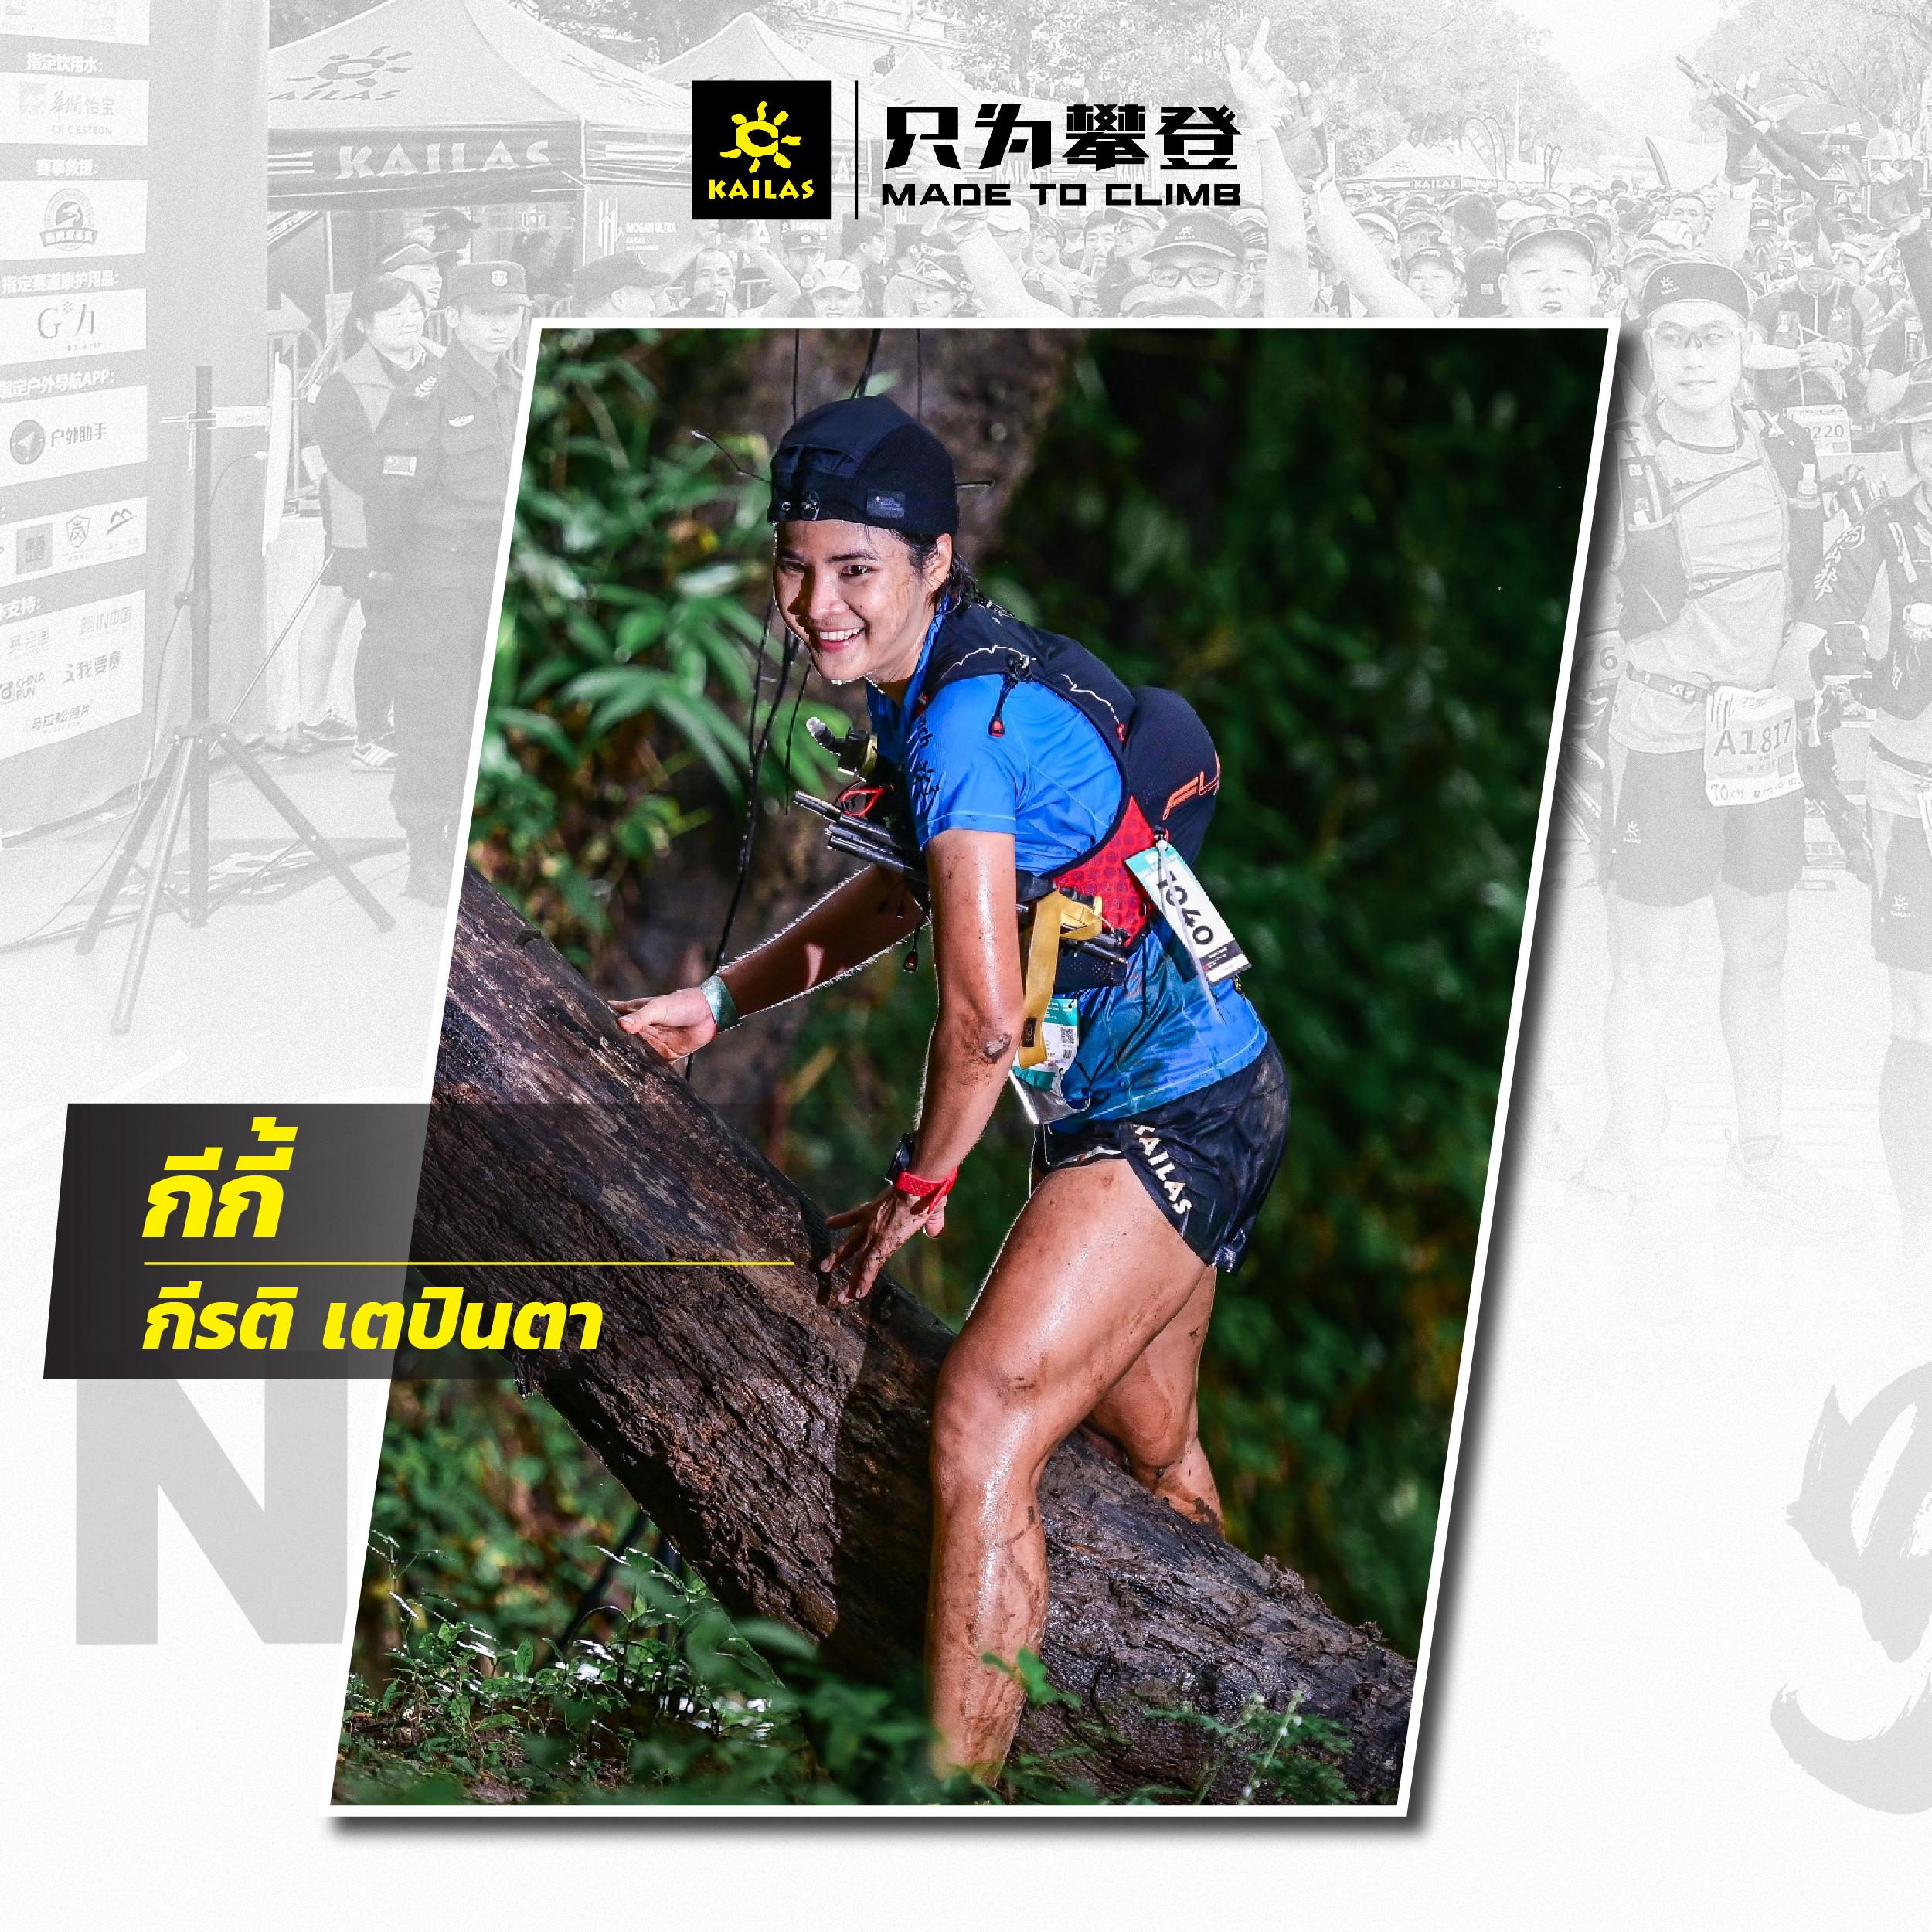 Kailas Trail Running Team Thailand